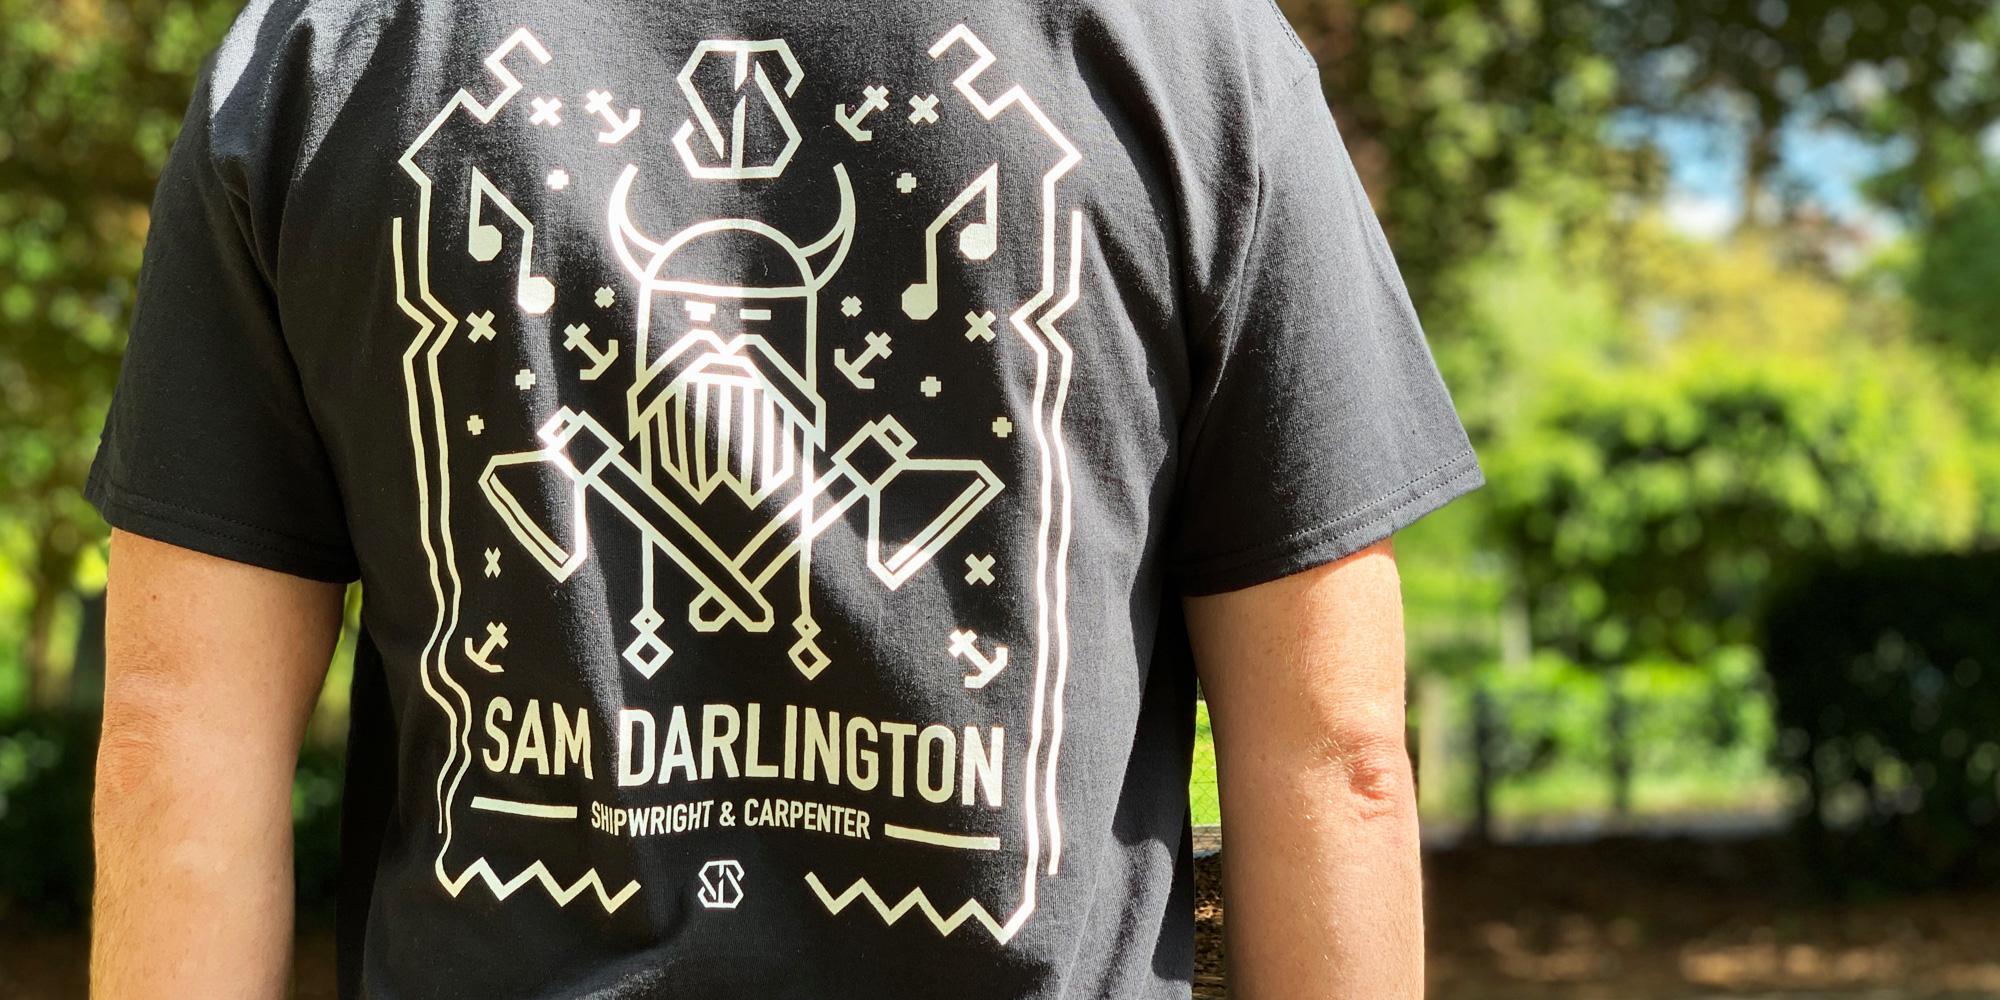 sam-darlingtion-t-shirt-2000x1000px.jpg